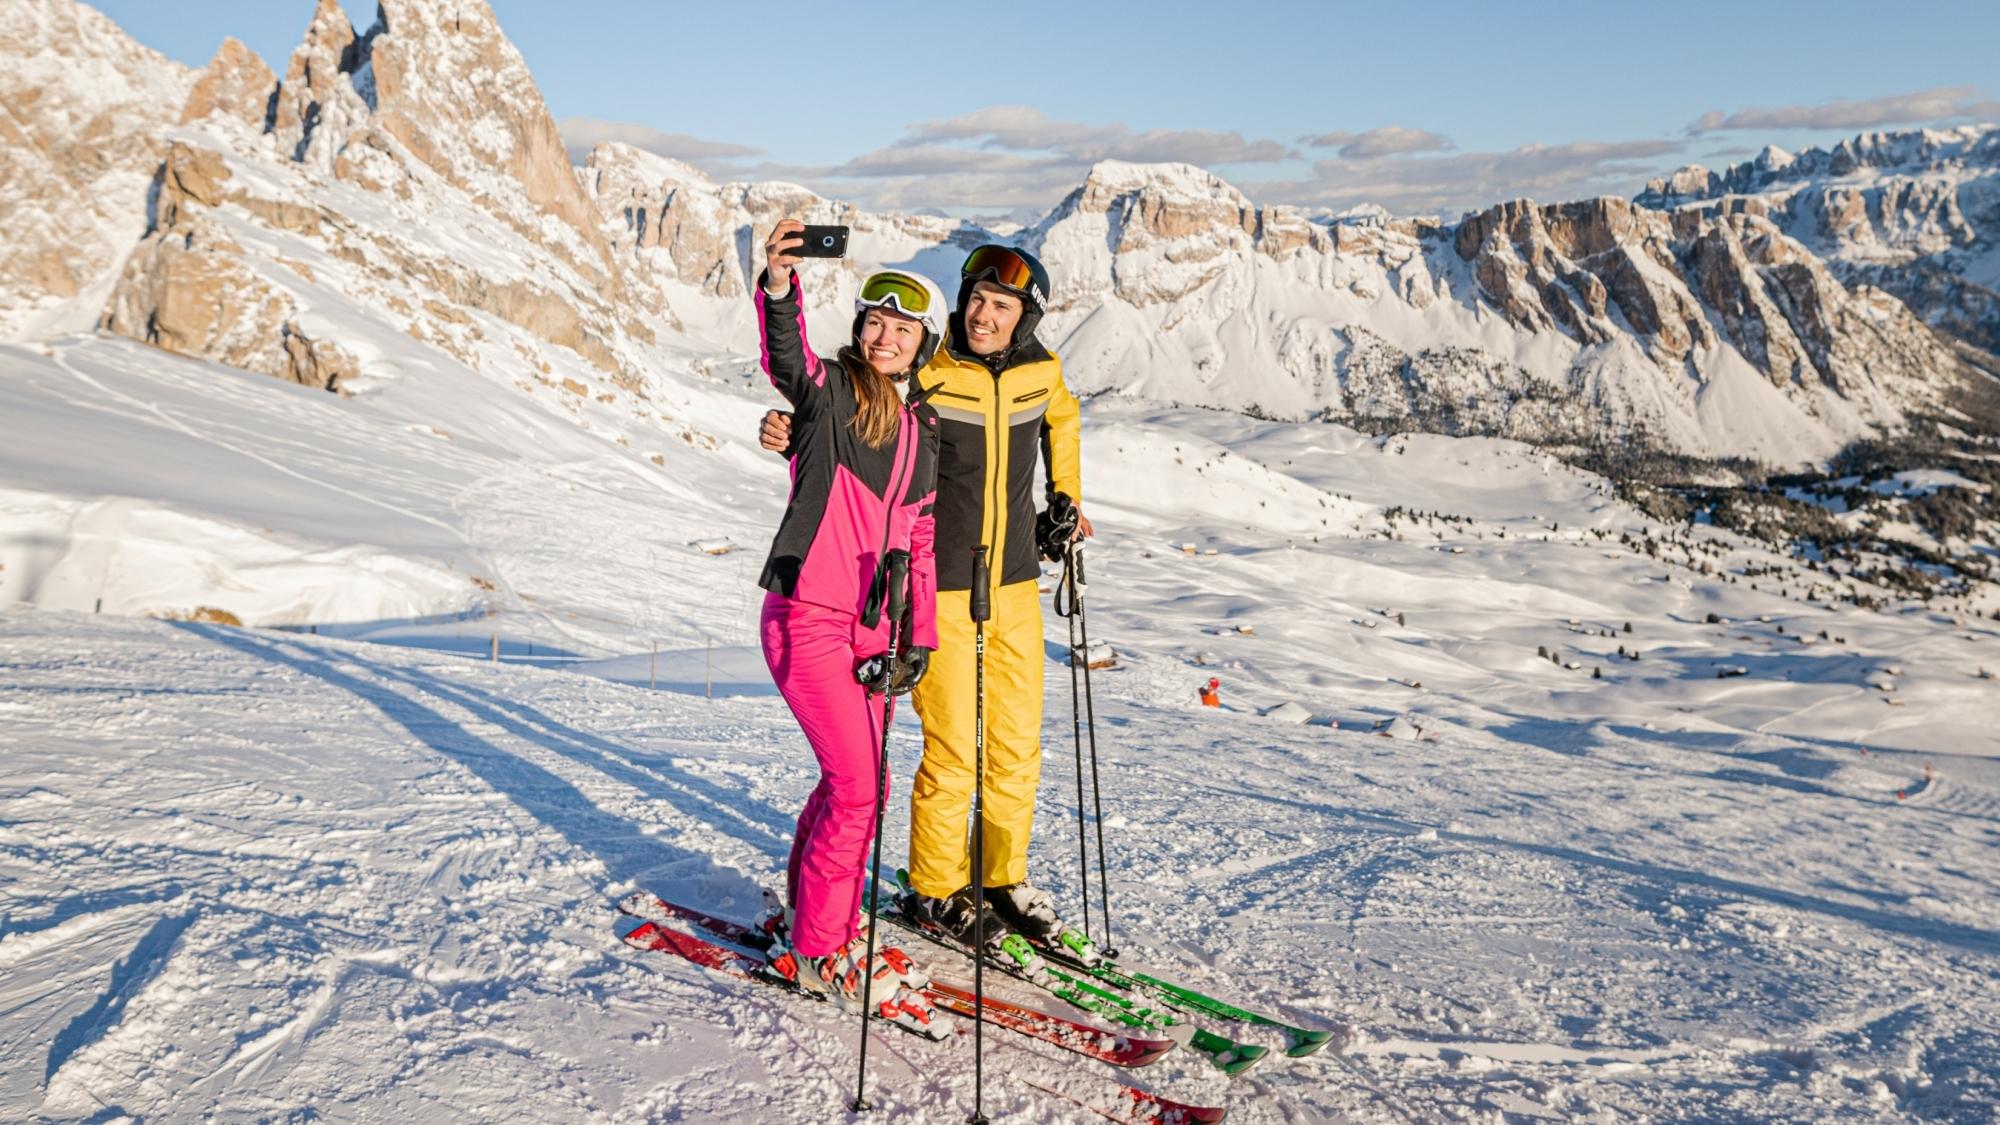 Die Skipasspreise werden in vielen Skigebieten für die Saison 2021/2022 leicht erhöht